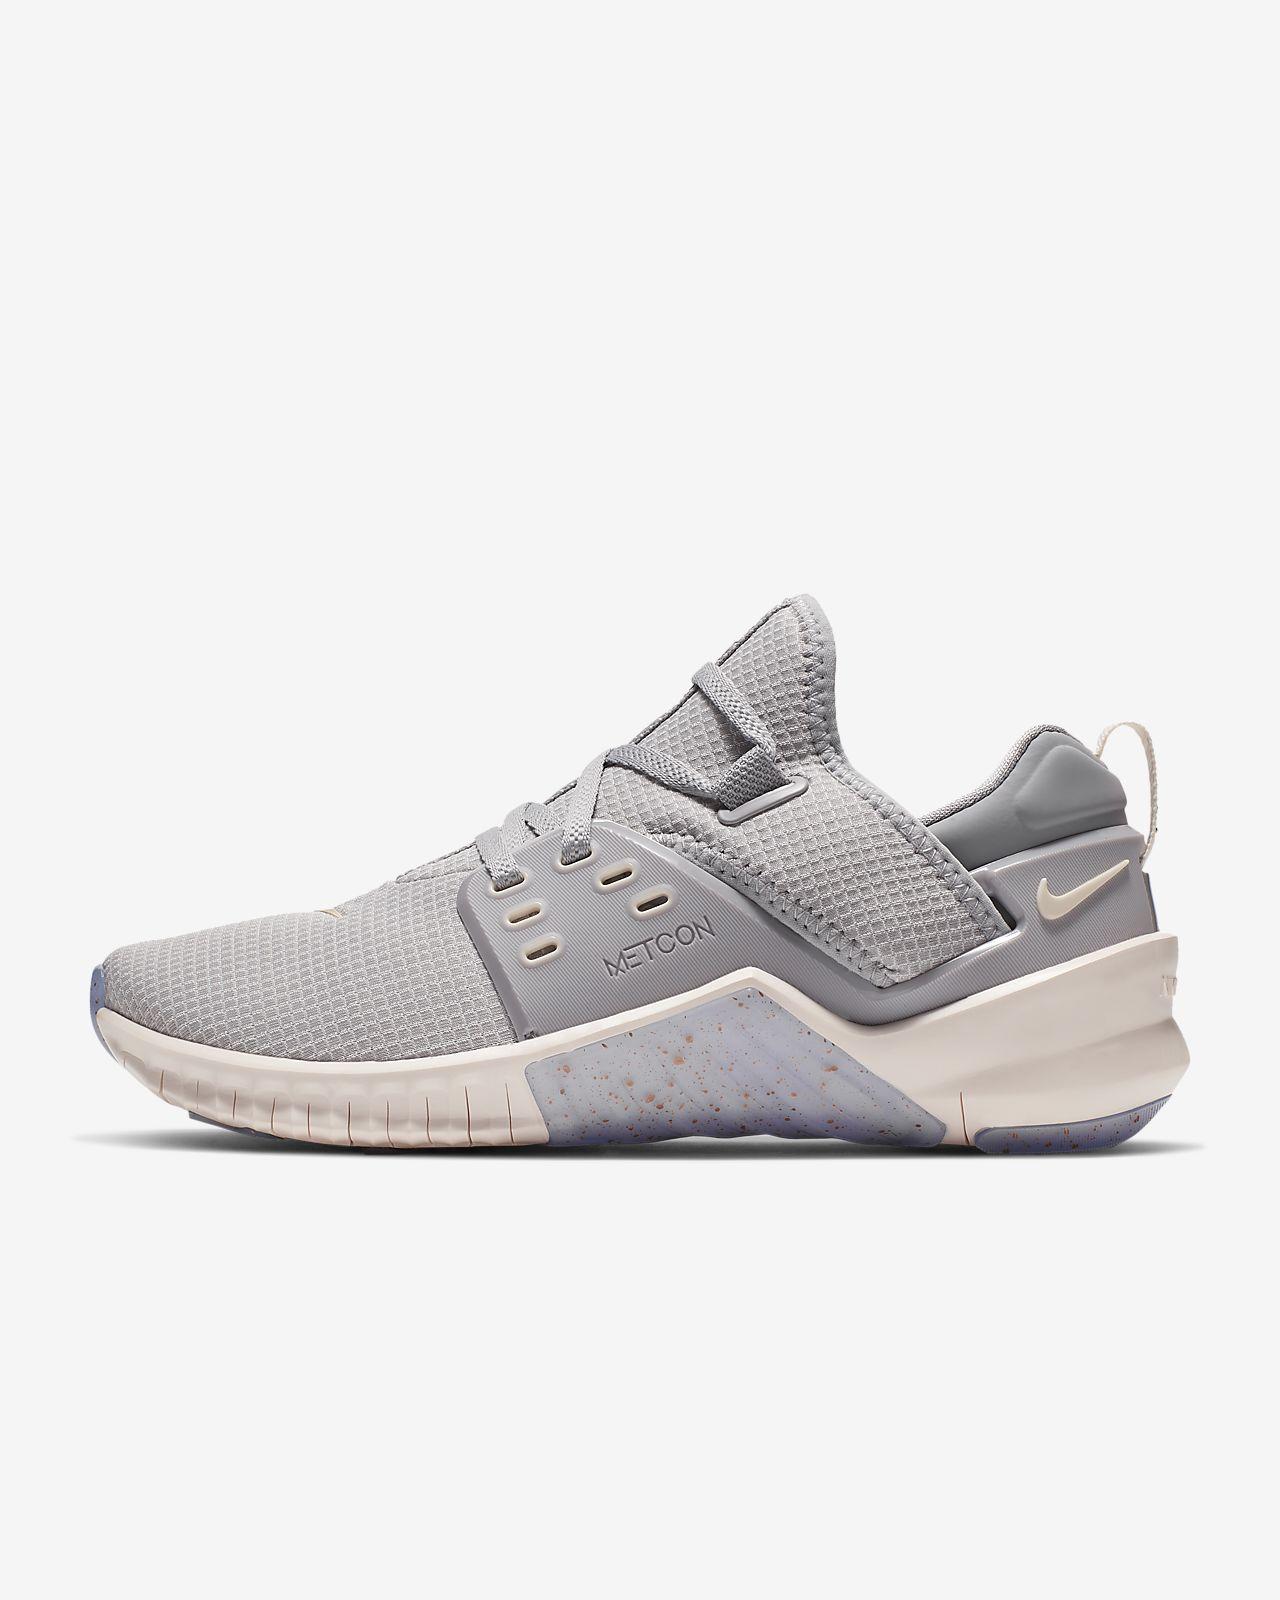 low priced 549d1 84416 ... Träningssko Nike Free X Metcon 2 för kvinnor